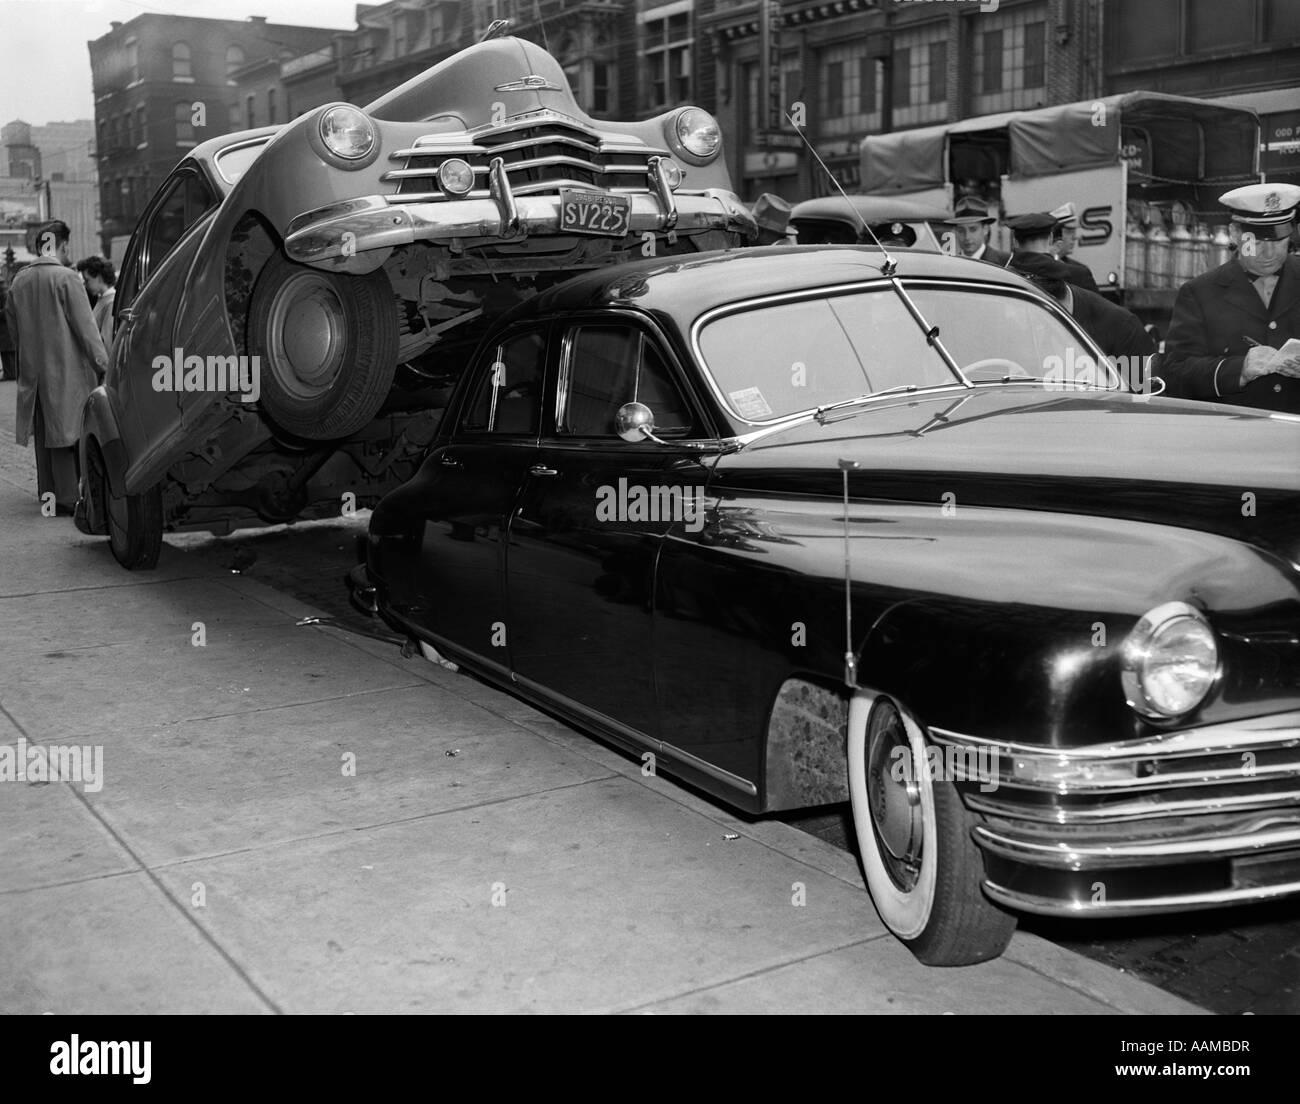 1940s Car Stock Photos & 1940s Car Stock Images